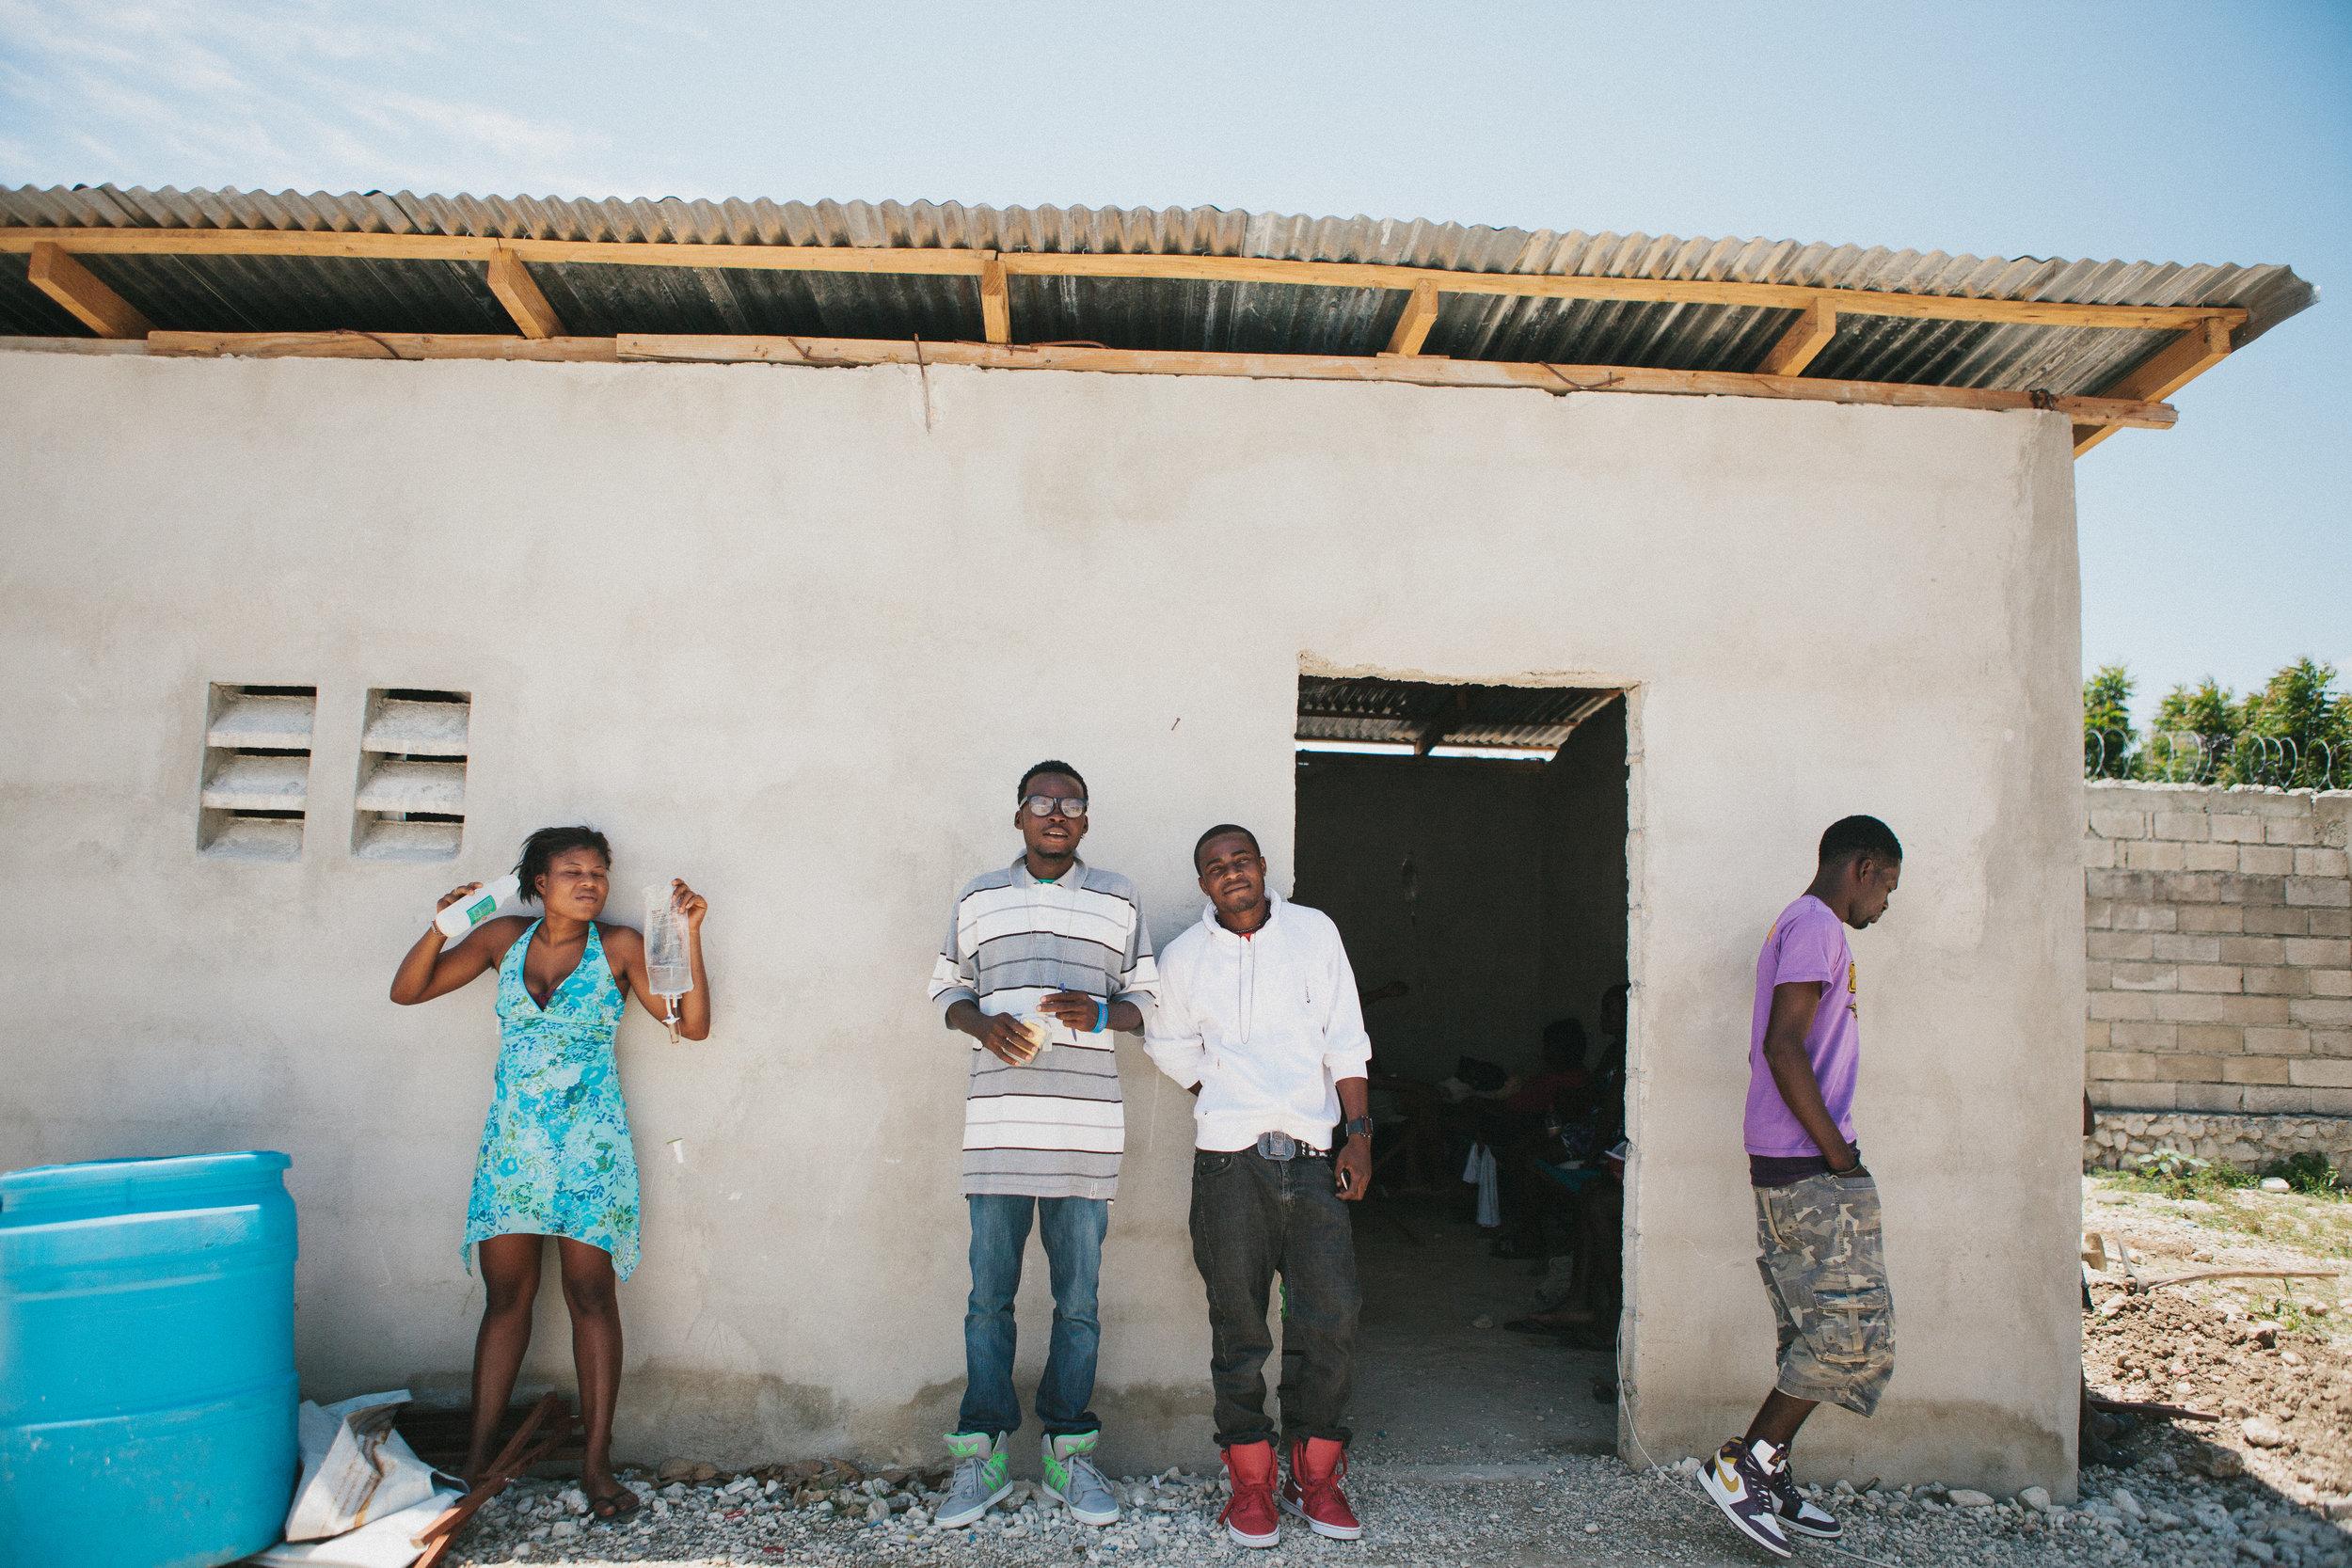 Haiti_Cholera_Healing_Art_Missions_010.jpg